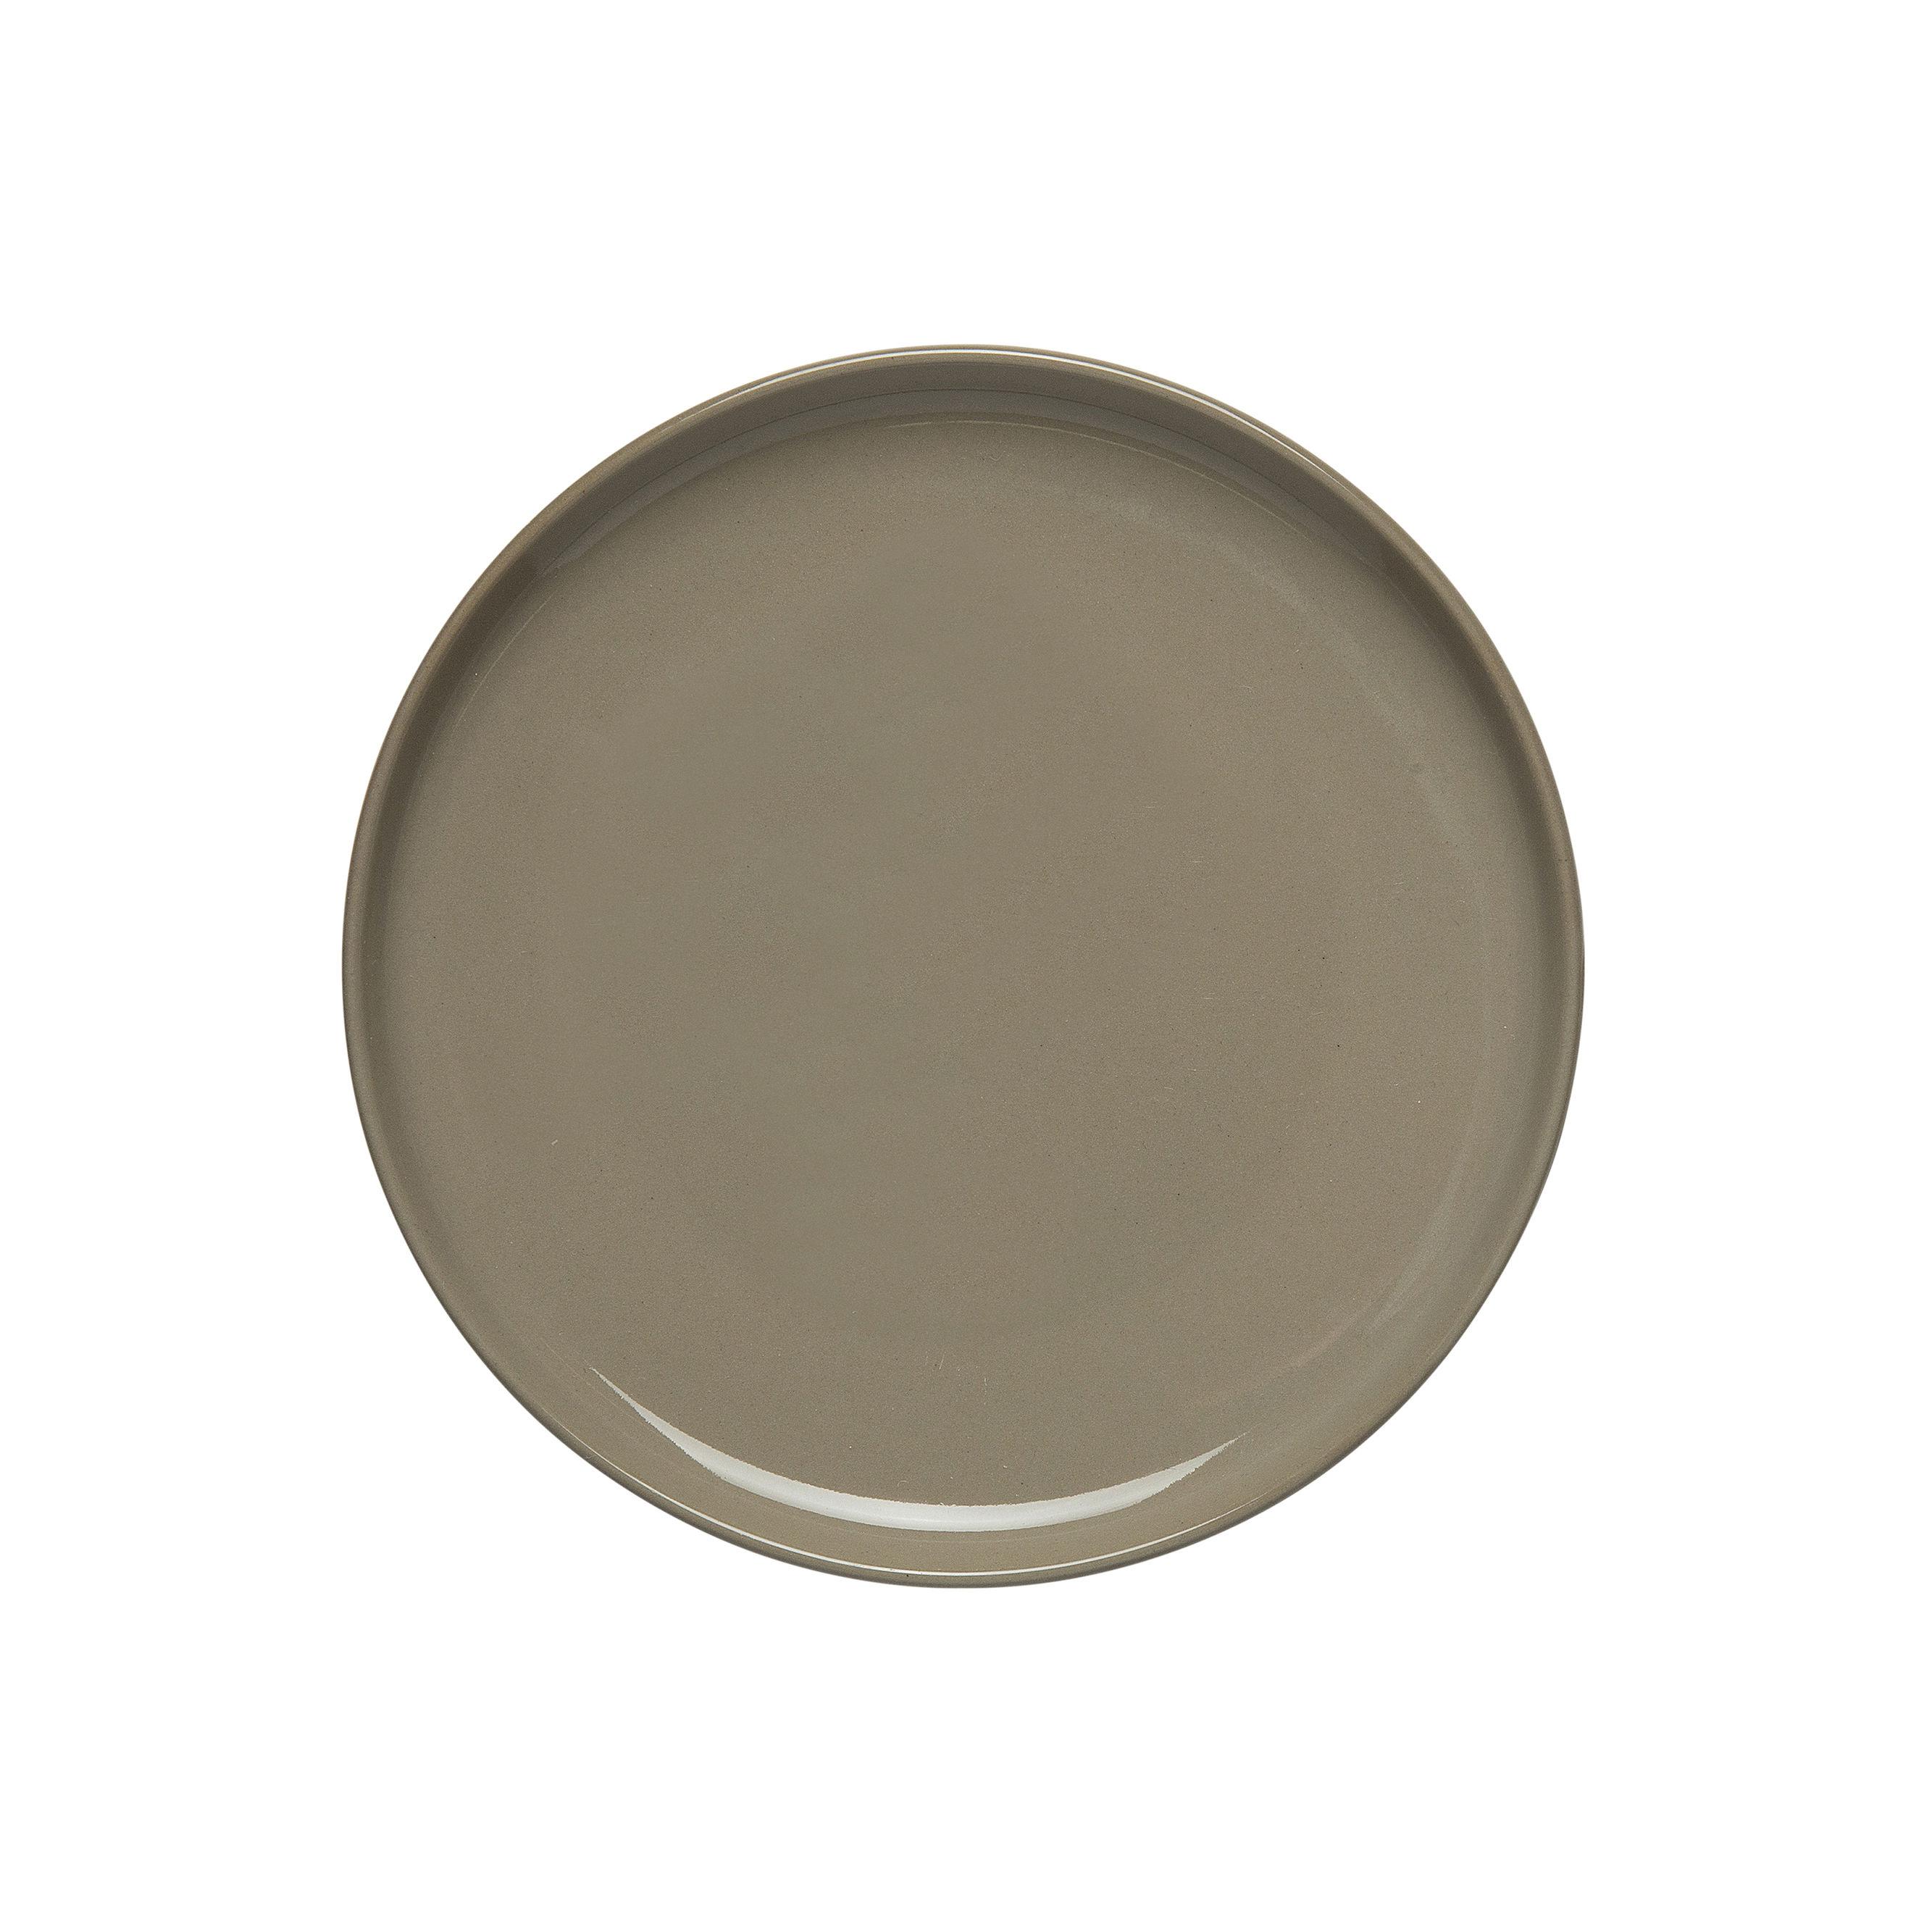 Tableware - Plates - Oiva Petit fours plates - / Ø 13.5 cm by Marimekko - Oiva / Earth Beige - Sandstone